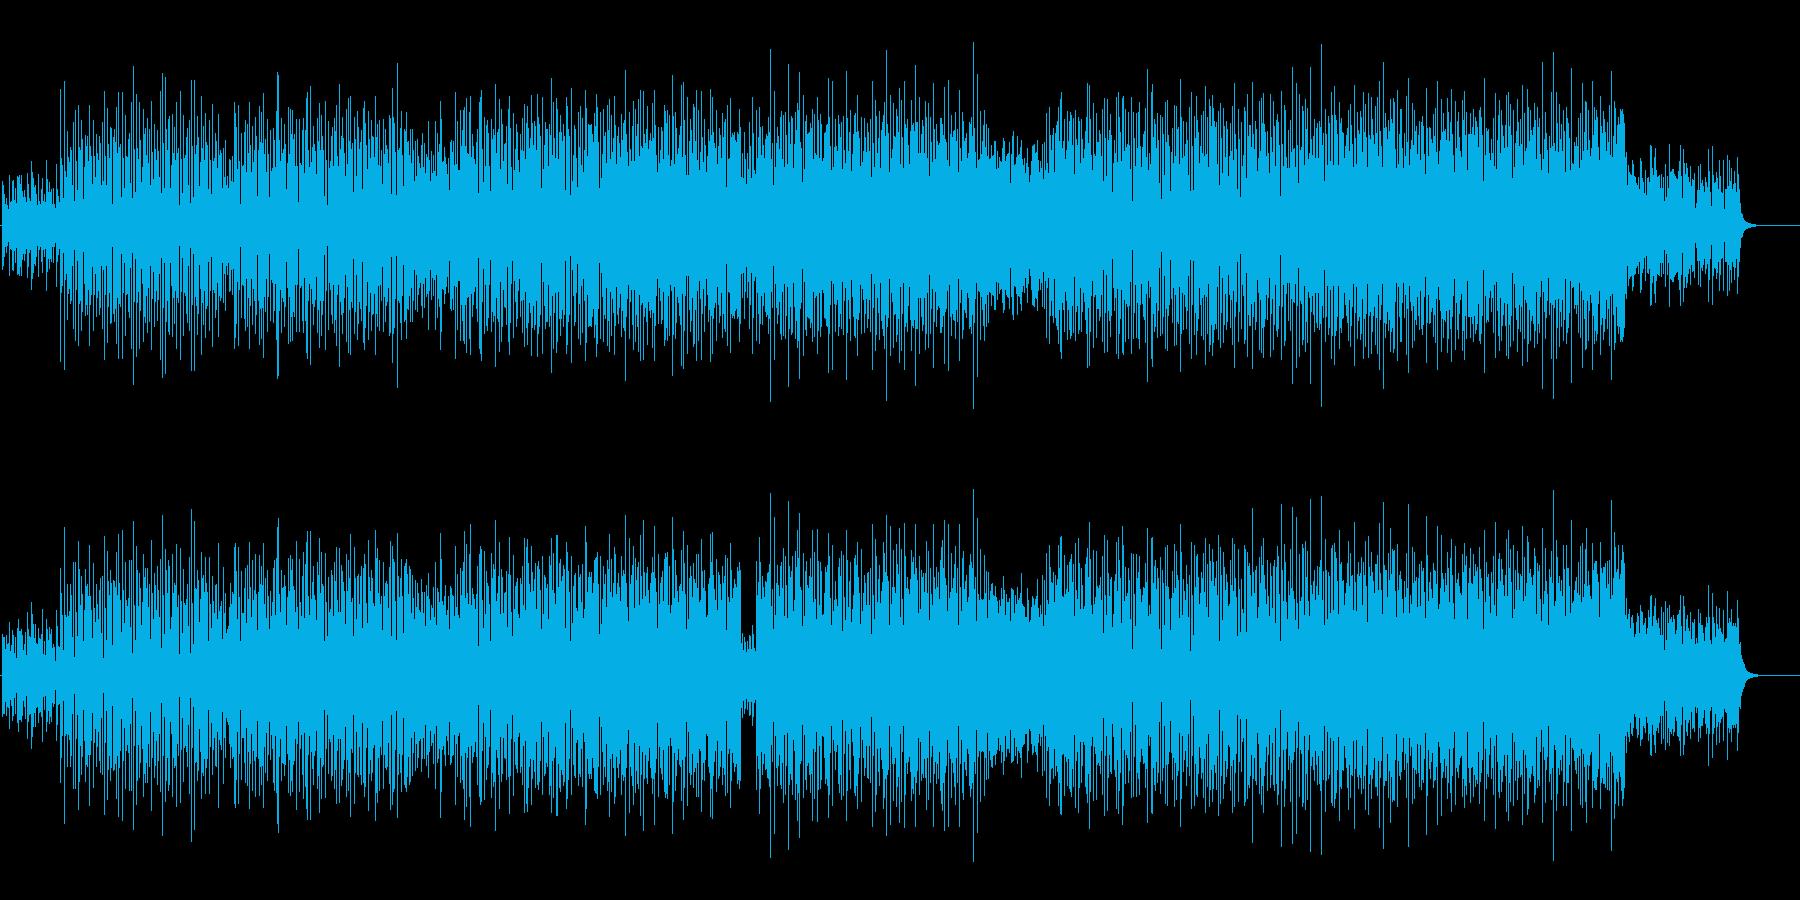 軽快なテクノポップ(ラブリーなハウス)の再生済みの波形